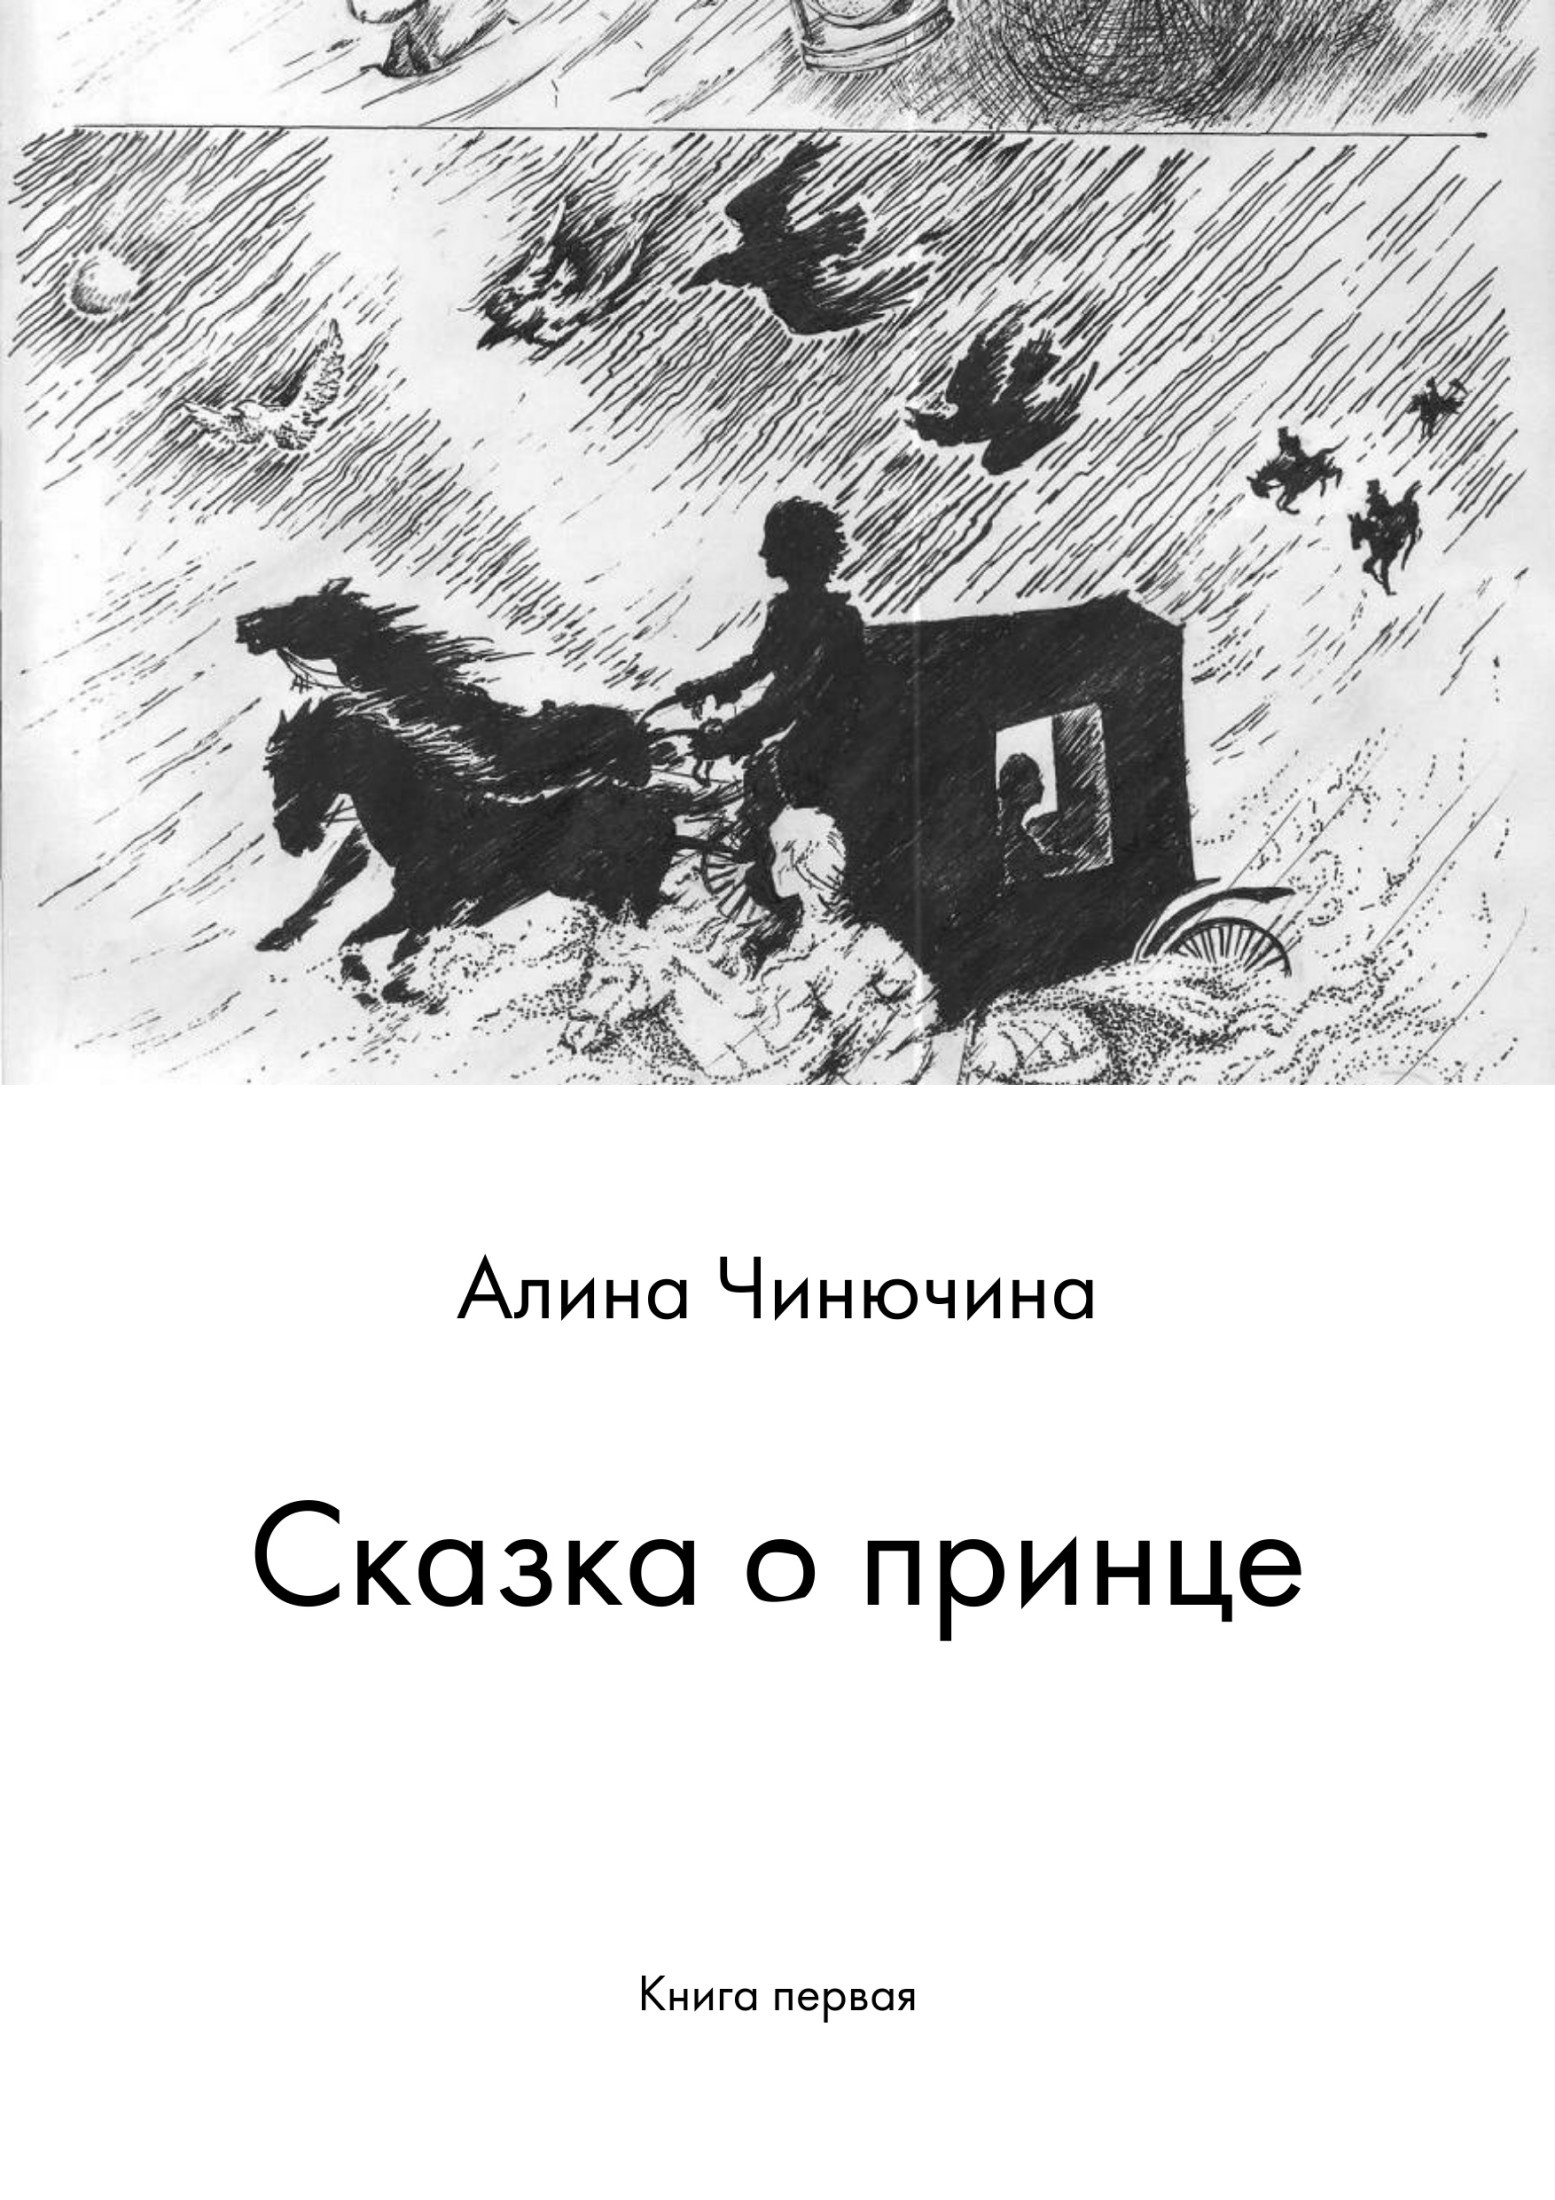 Сказка о принце. Книга первая